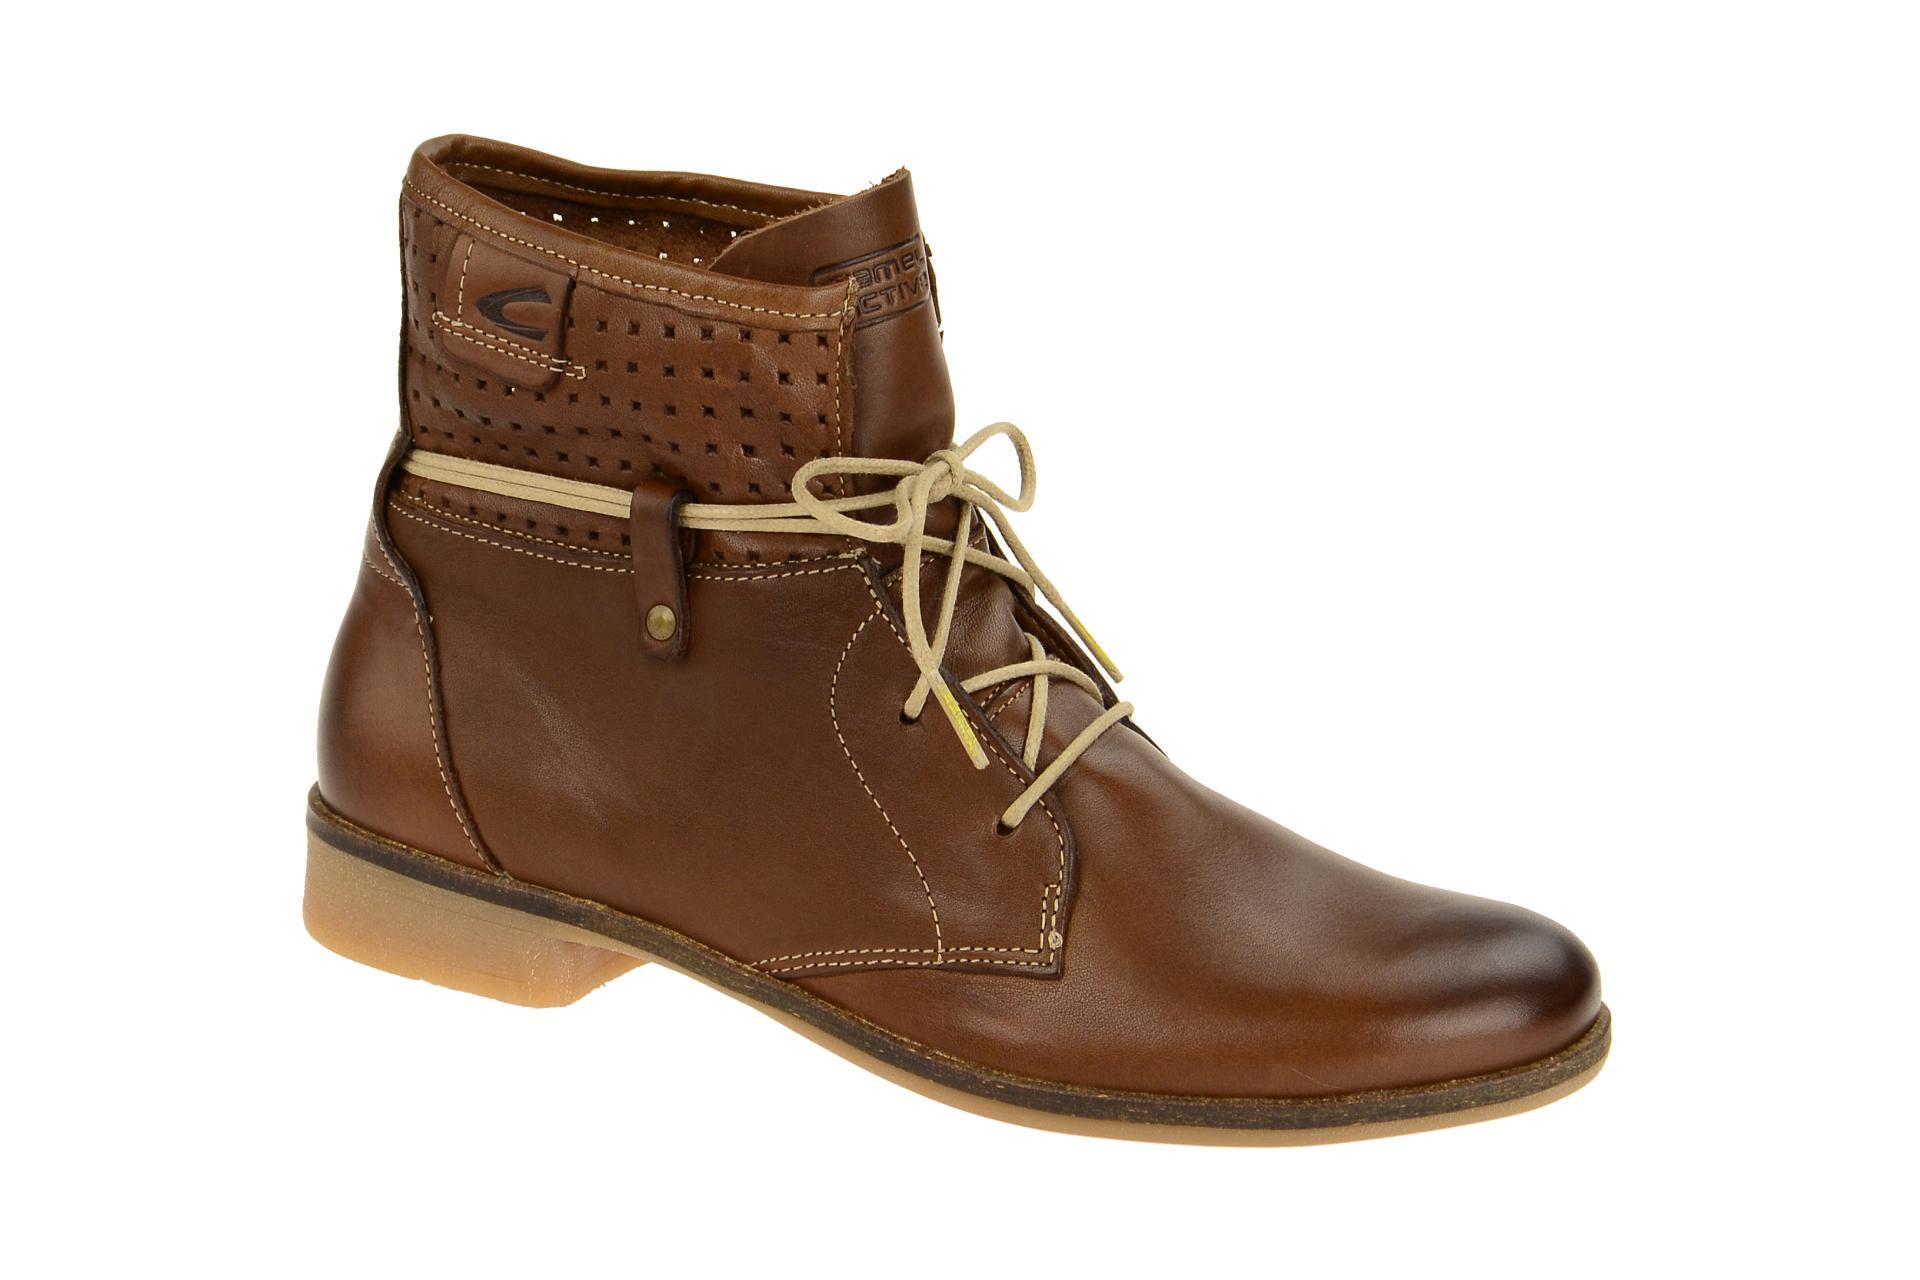 outlet store 5bf85 b66c3 camel active Schuhe SANTANA 70 braun Damenschuhe Stiefeletten 766.70.09 NEU  | eBay